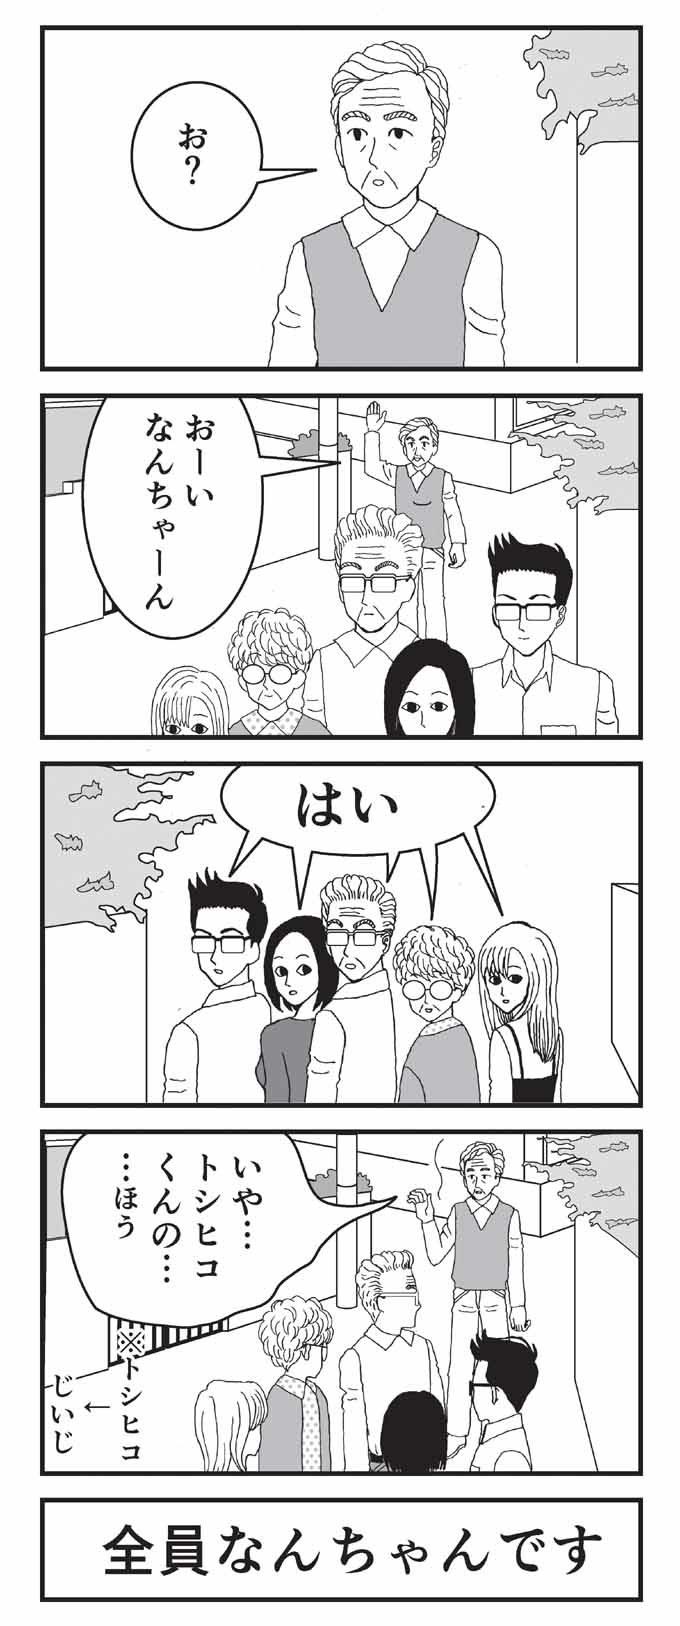 漫画南條家58話内容